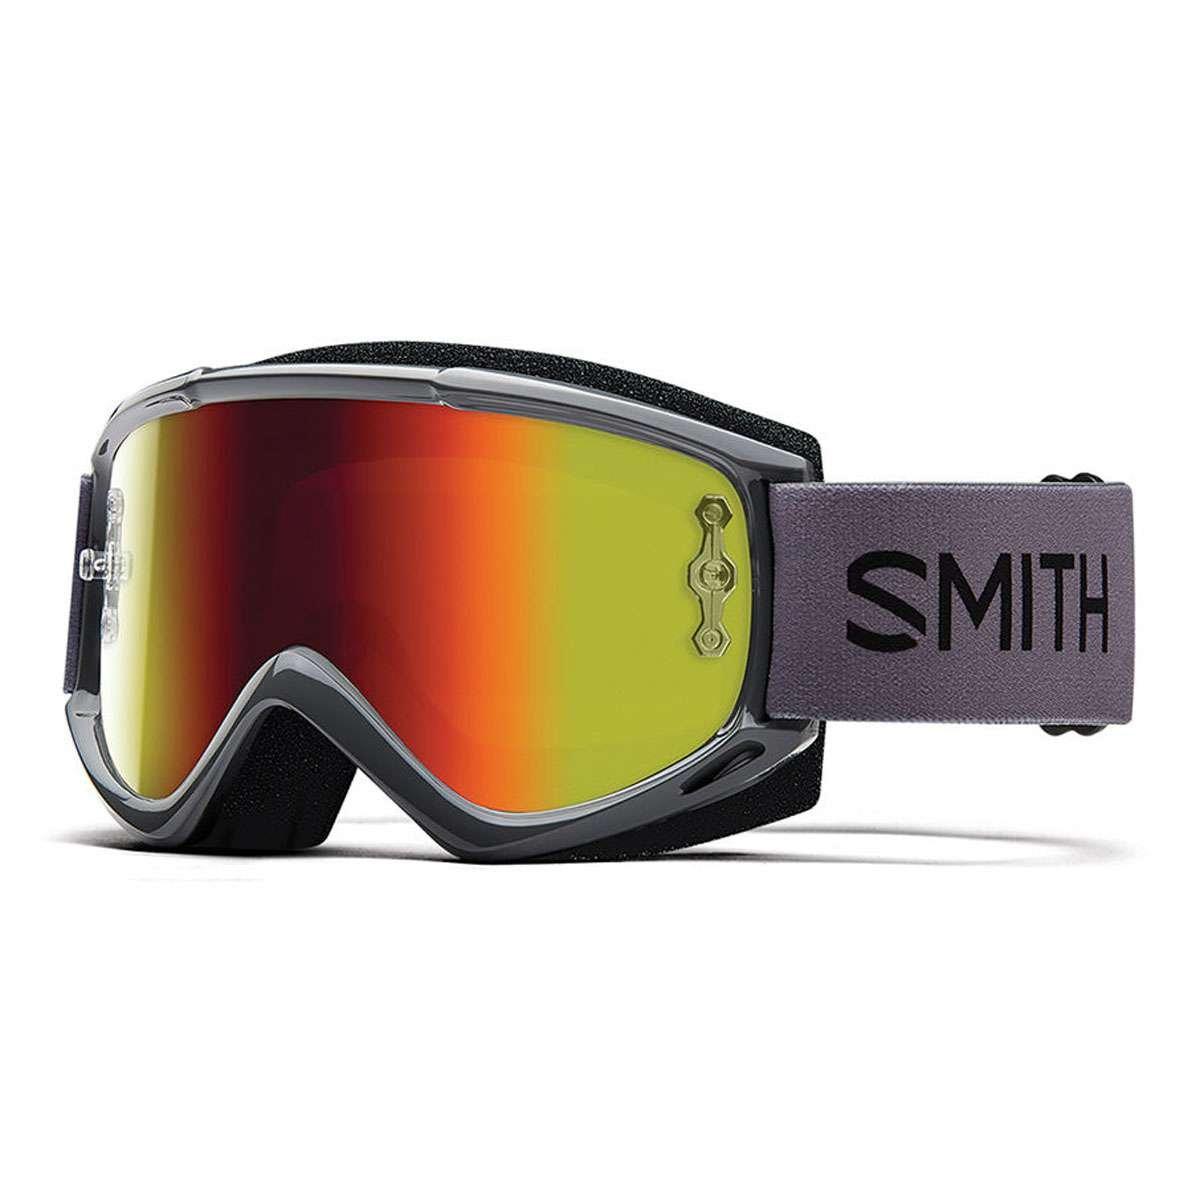 Smith Fuel V.1 MAX M Offroad Goggle